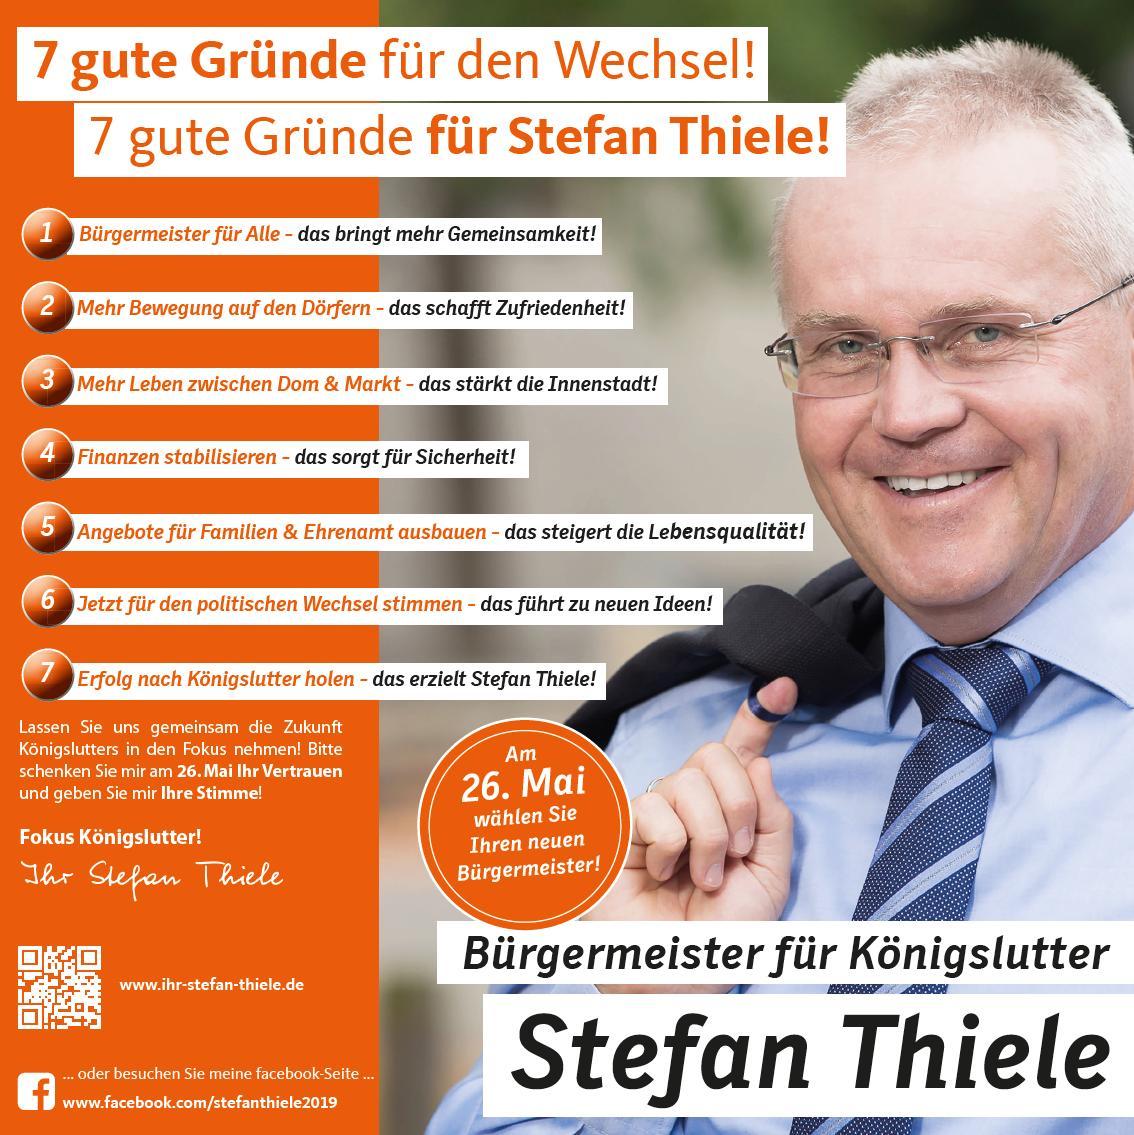 7 gute Gründe für den Wechsel! - 7 gute Gründe für Stefan Thiele!